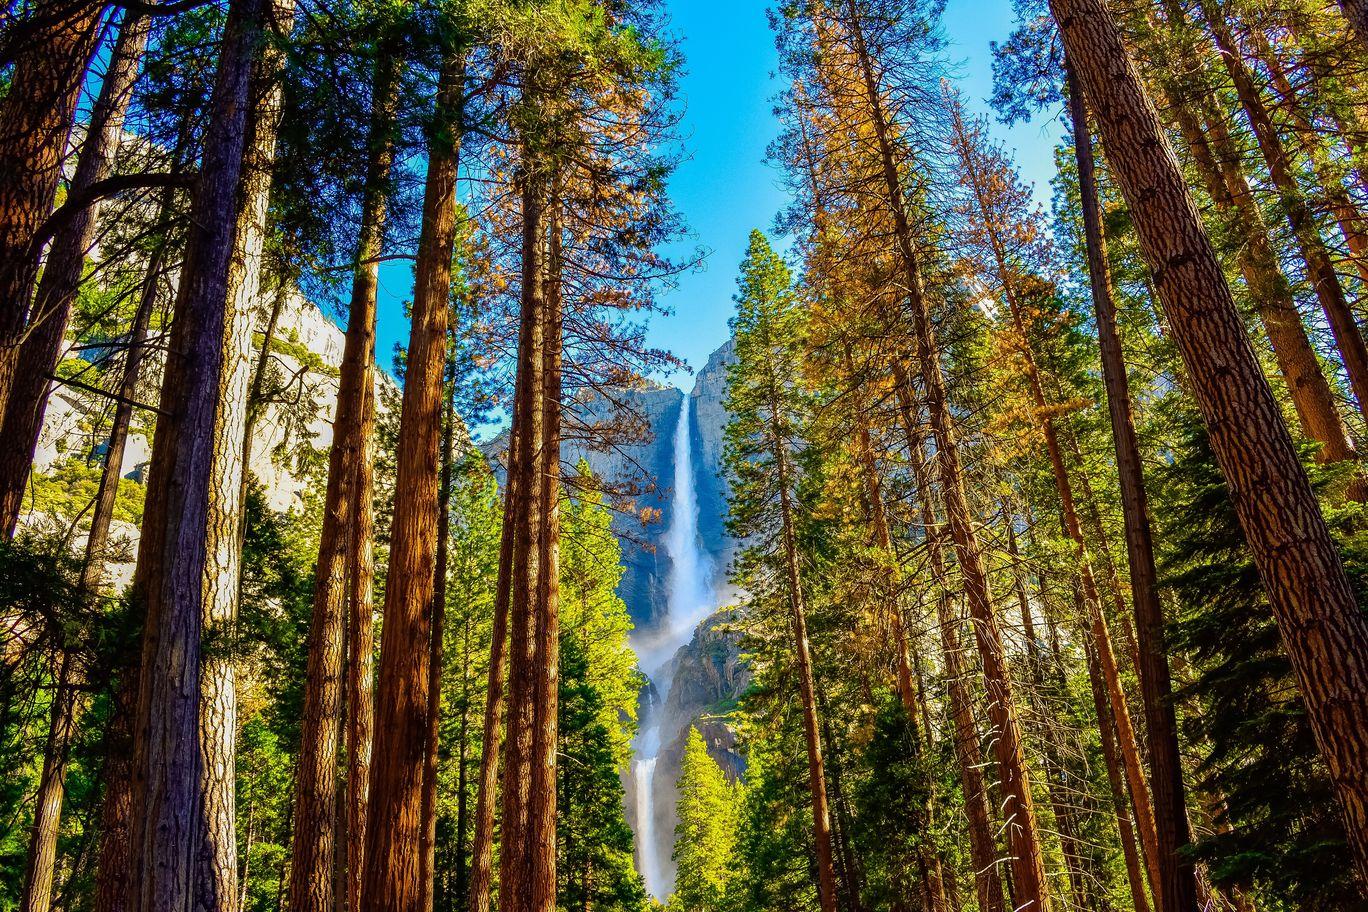 Photo of Yosemite By Chintan Patel